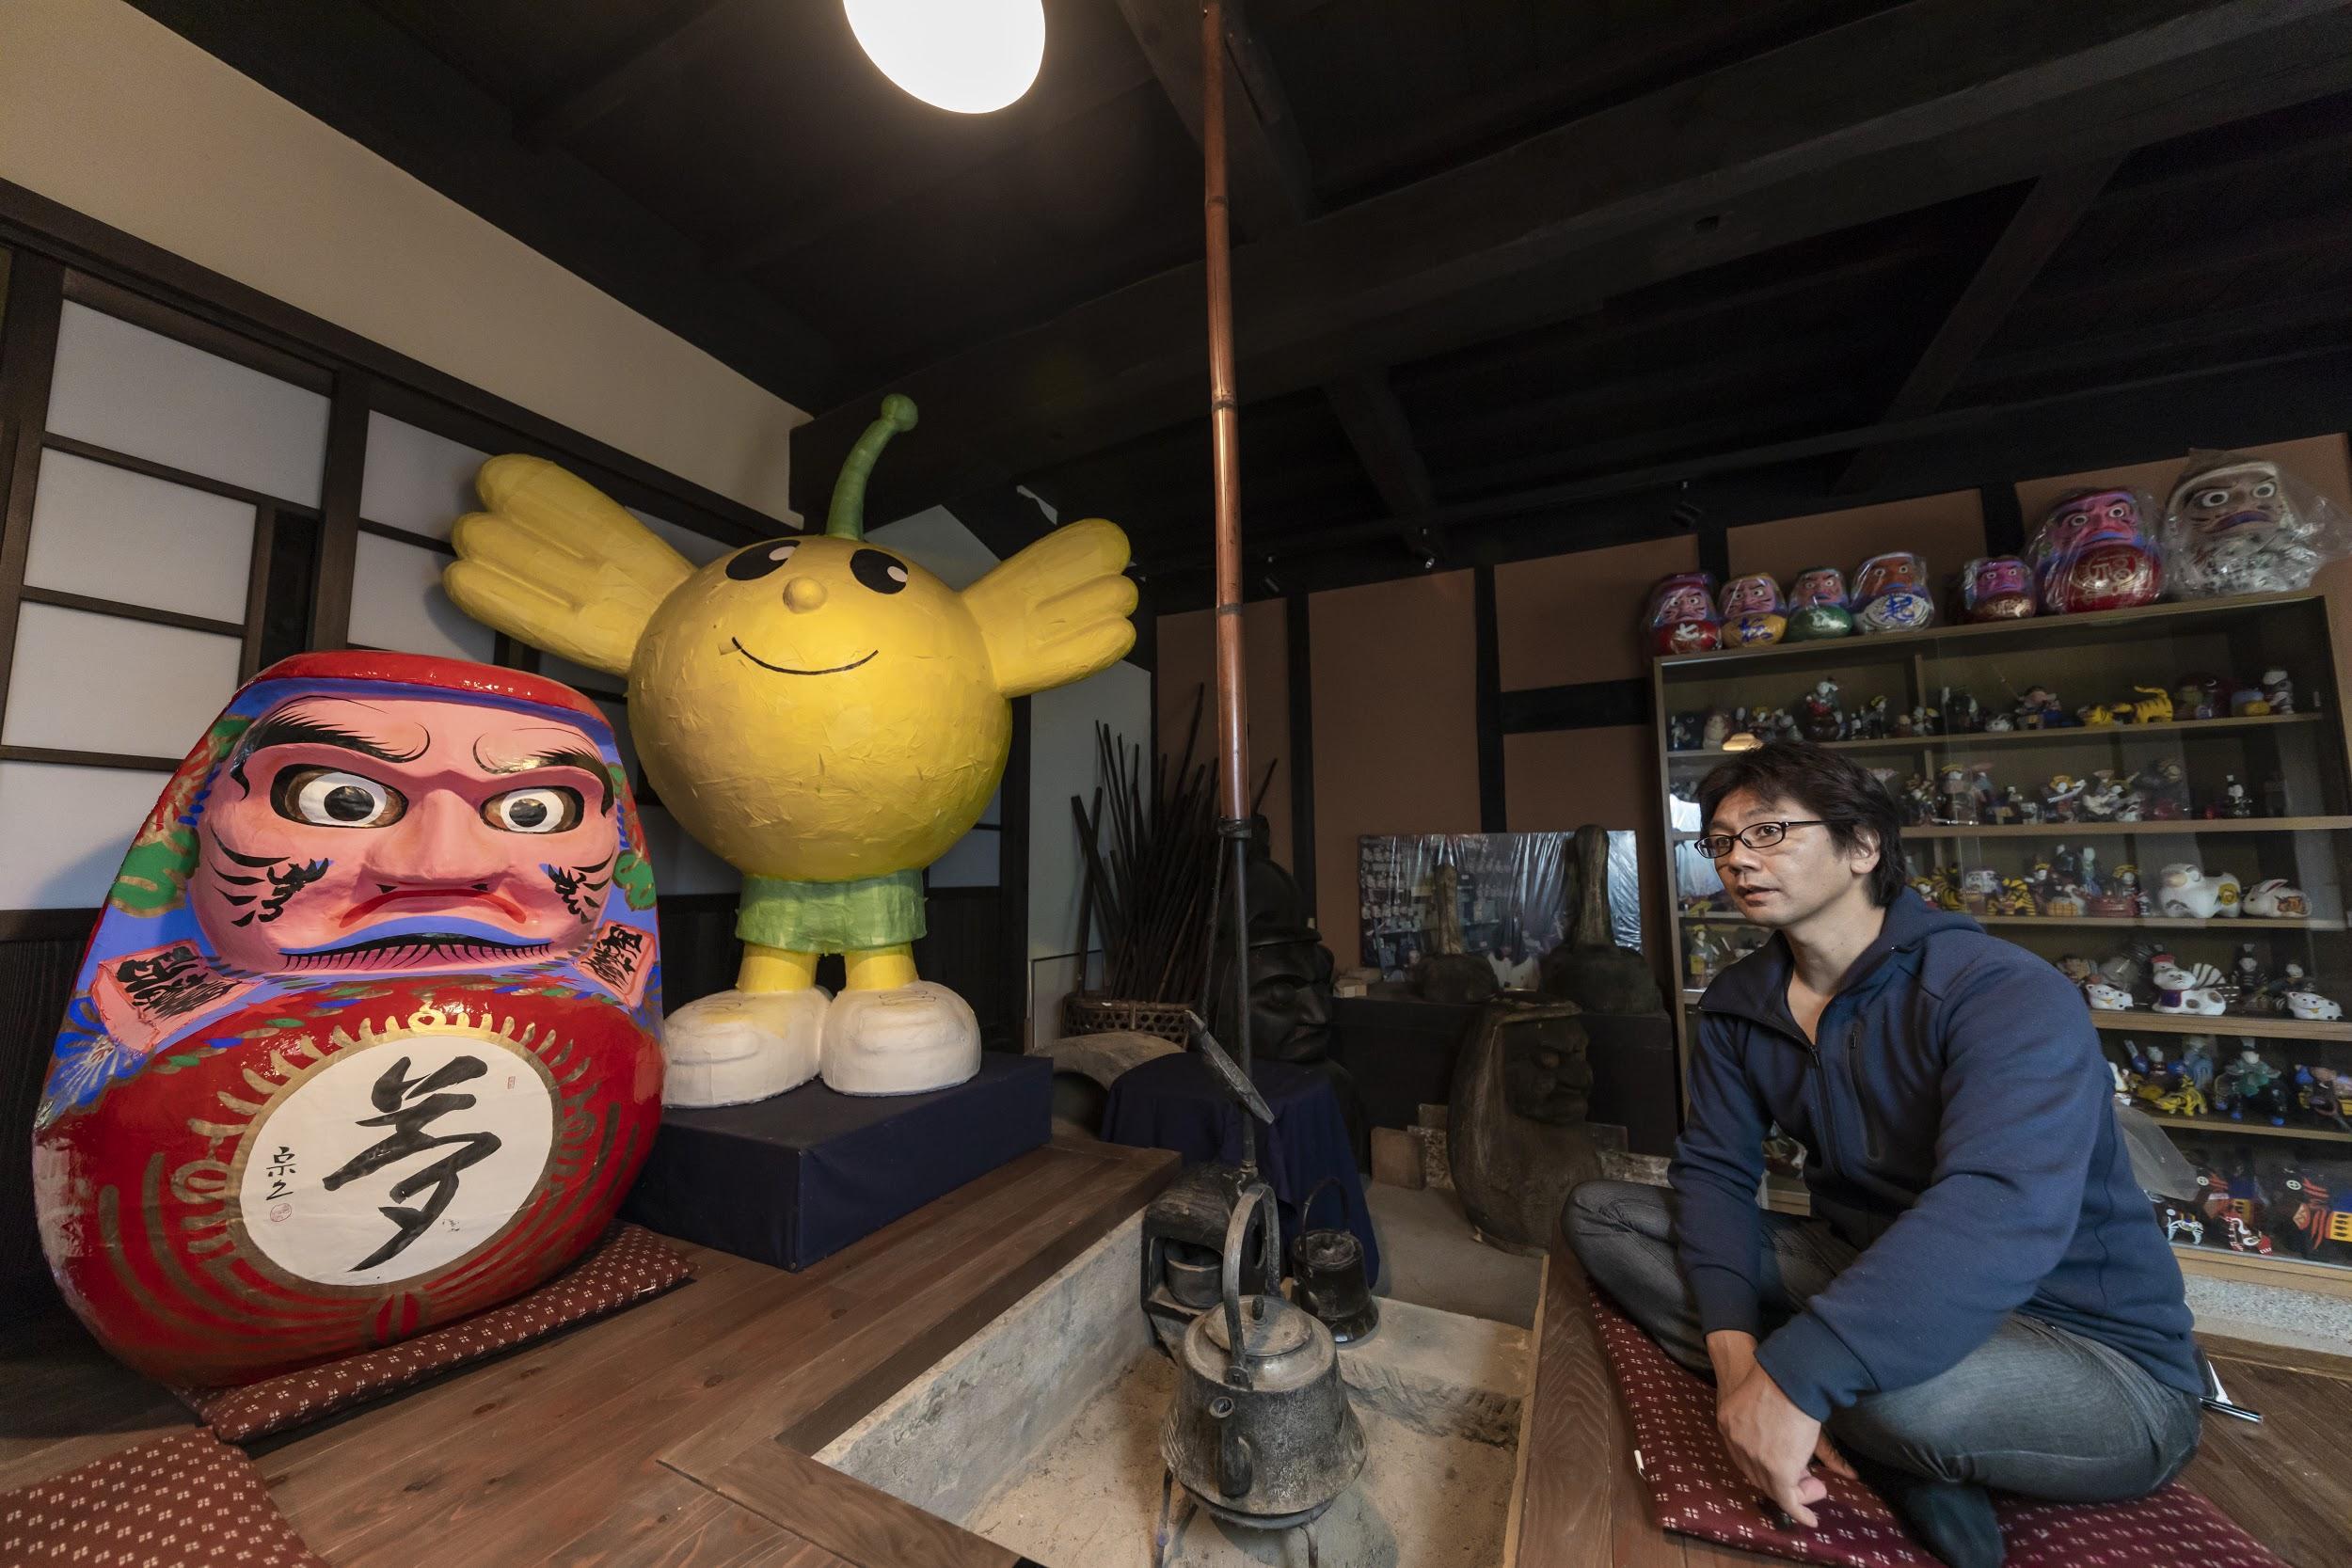 張り子で作成したダルマと福島のご当地キャラ「キビタン」と橋本さん